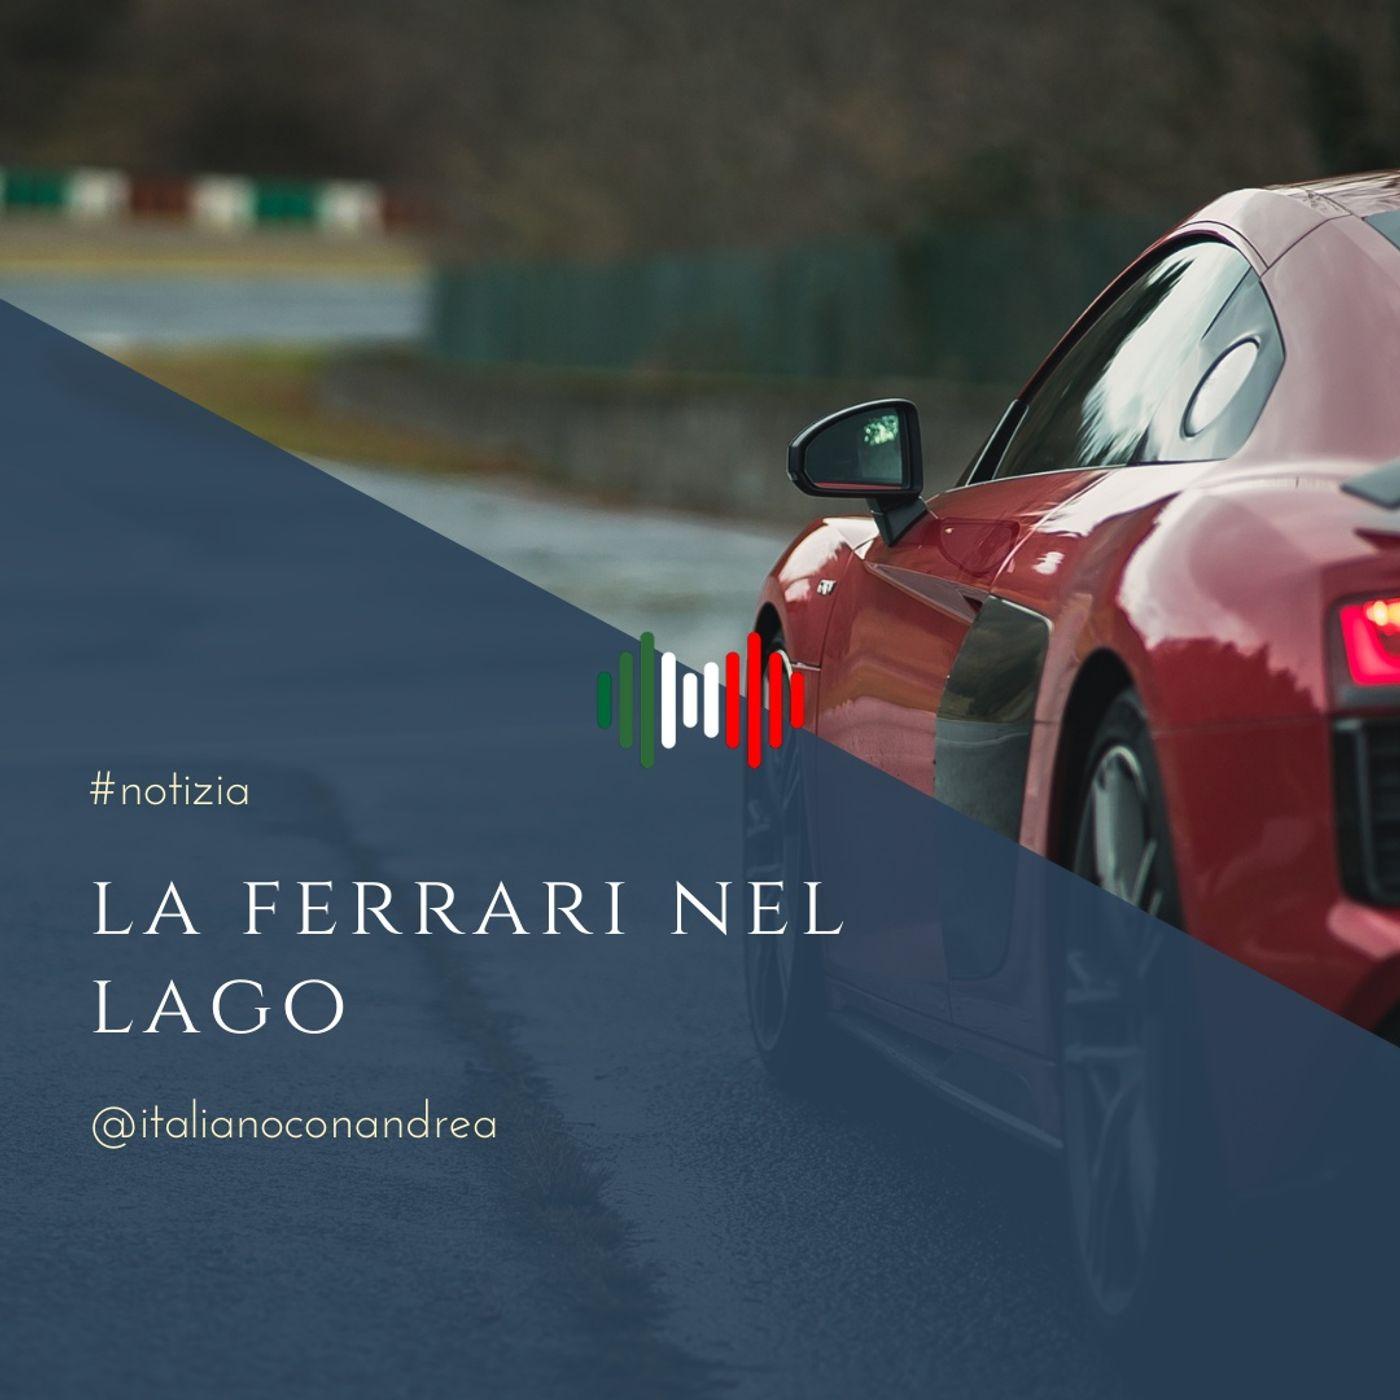 276. NOTIZIA: La Ferrari nel lago